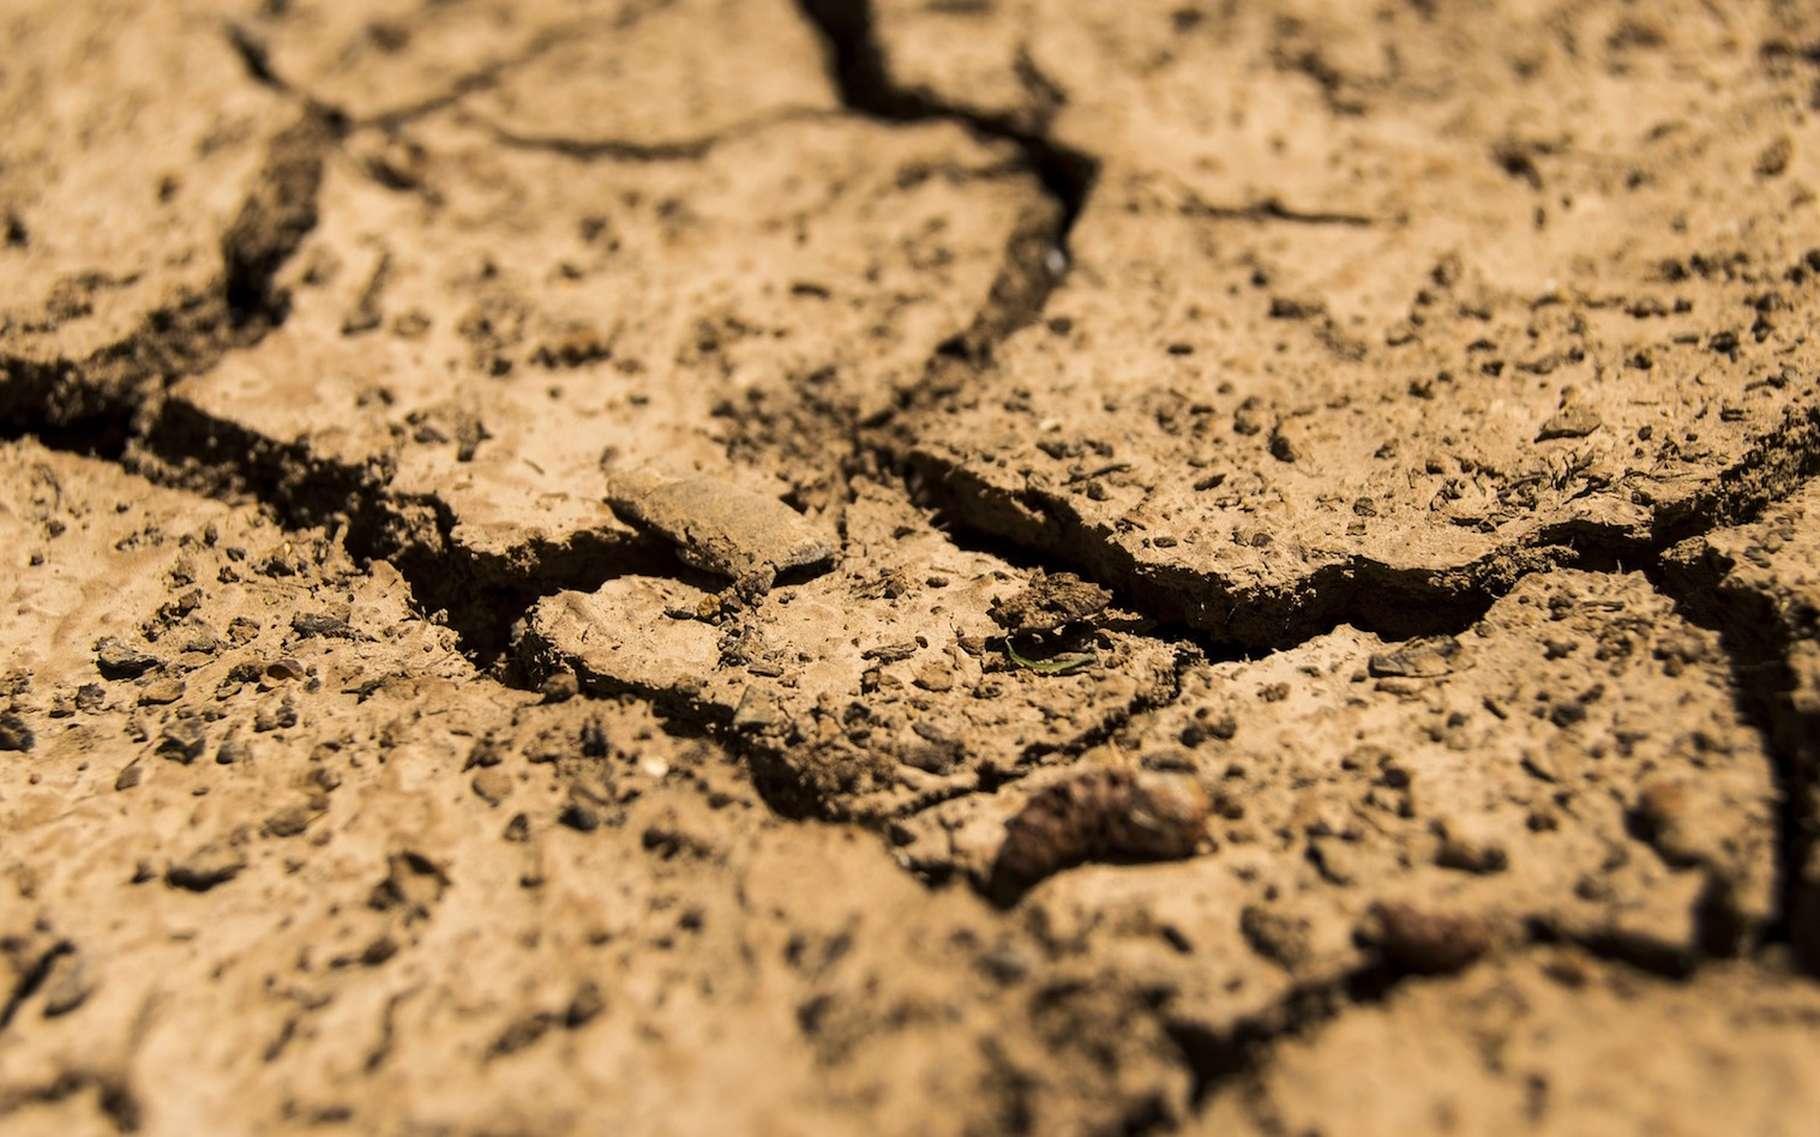 Le terme de stress hydrique renvoie à une notion de manque d'eau. © daeron, Licence Pixabay